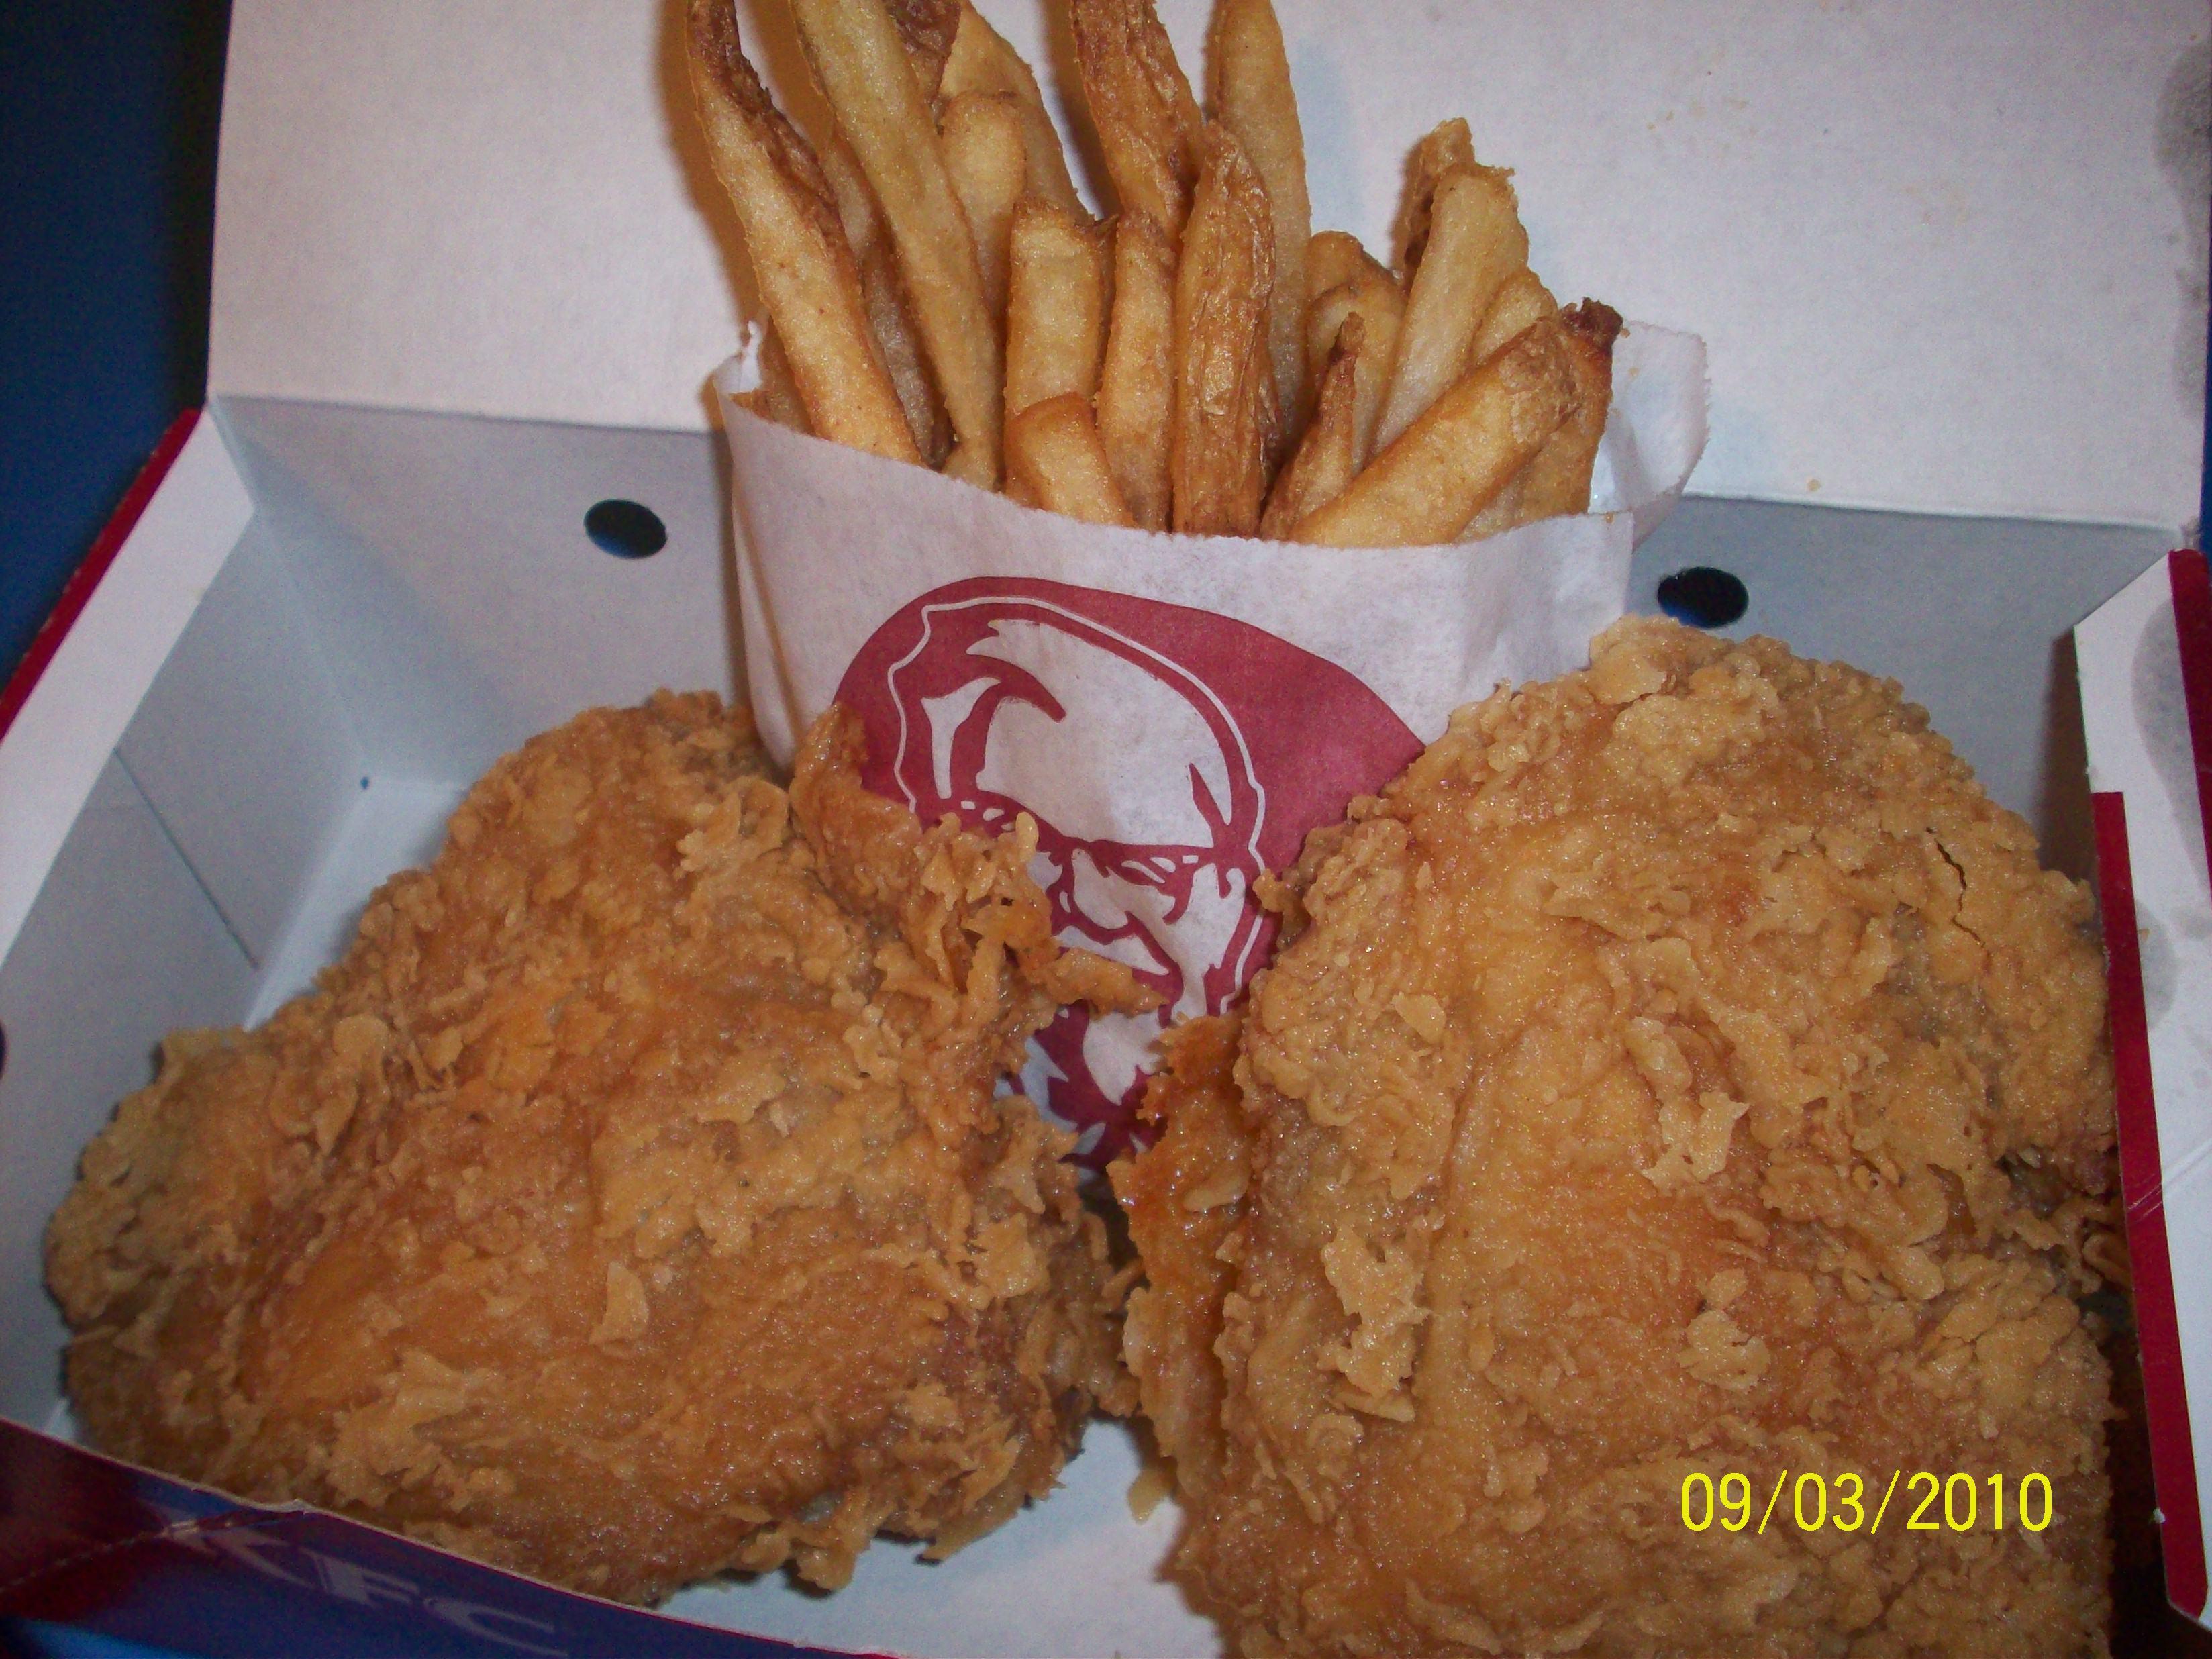 http://foodloader.net/cutie_2010-03-09_KFC_Toonies.jpg